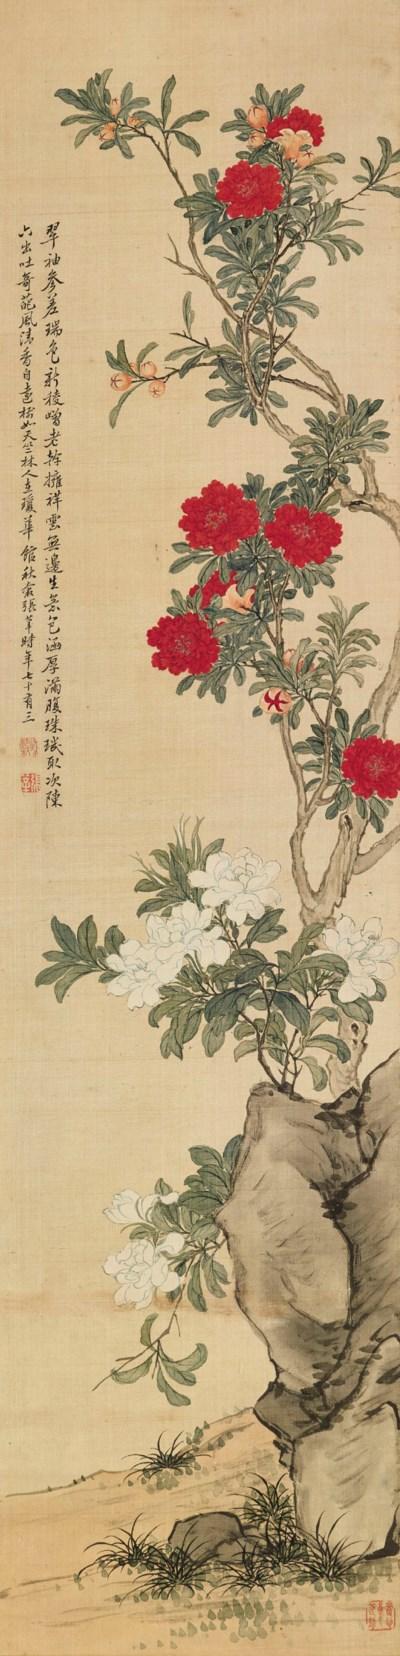 ZHANG XIN (1761-1829)